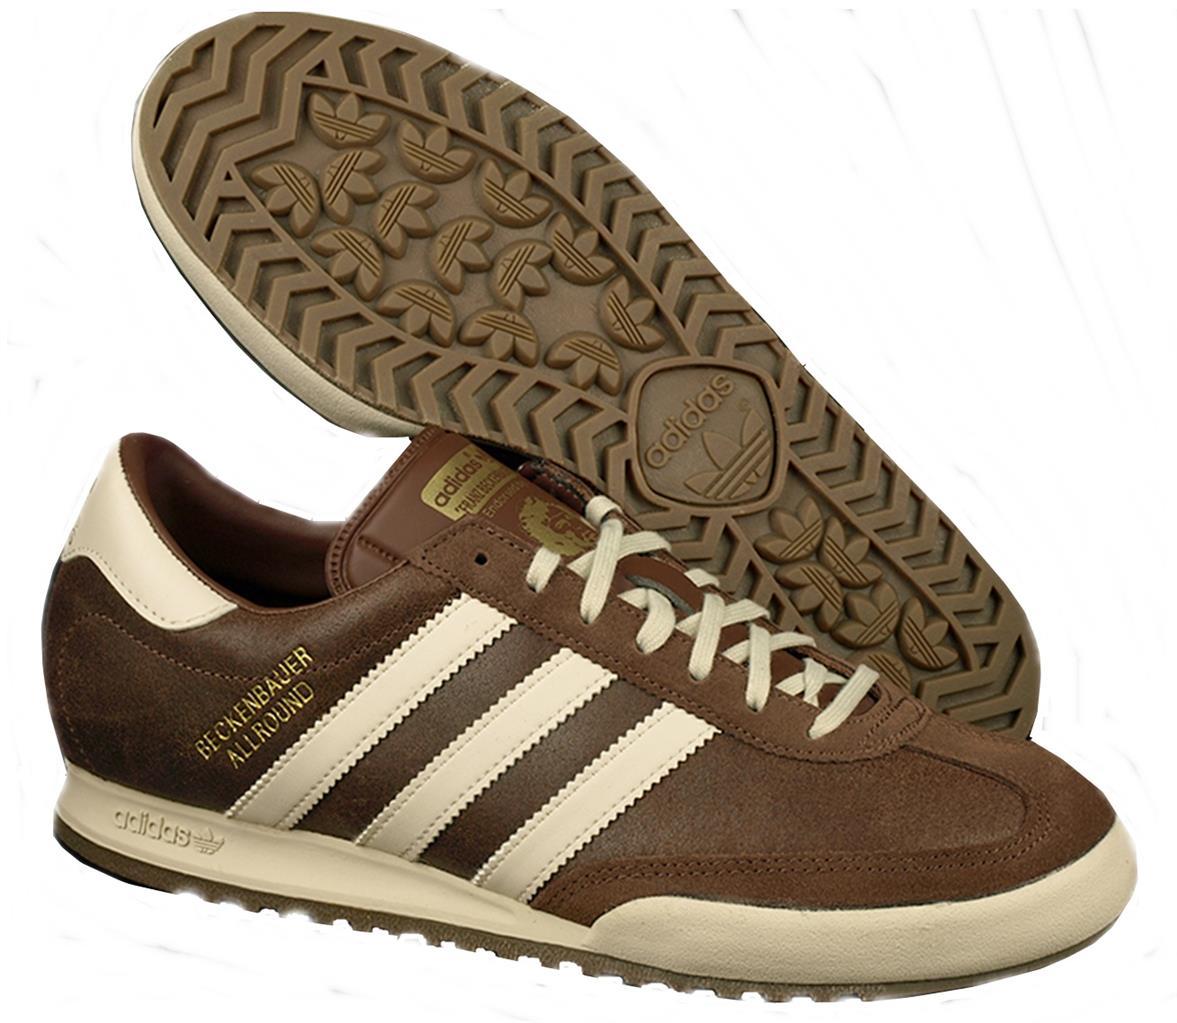 check out e79e9 7f717 Adidas La Trainer Pelle Marrone